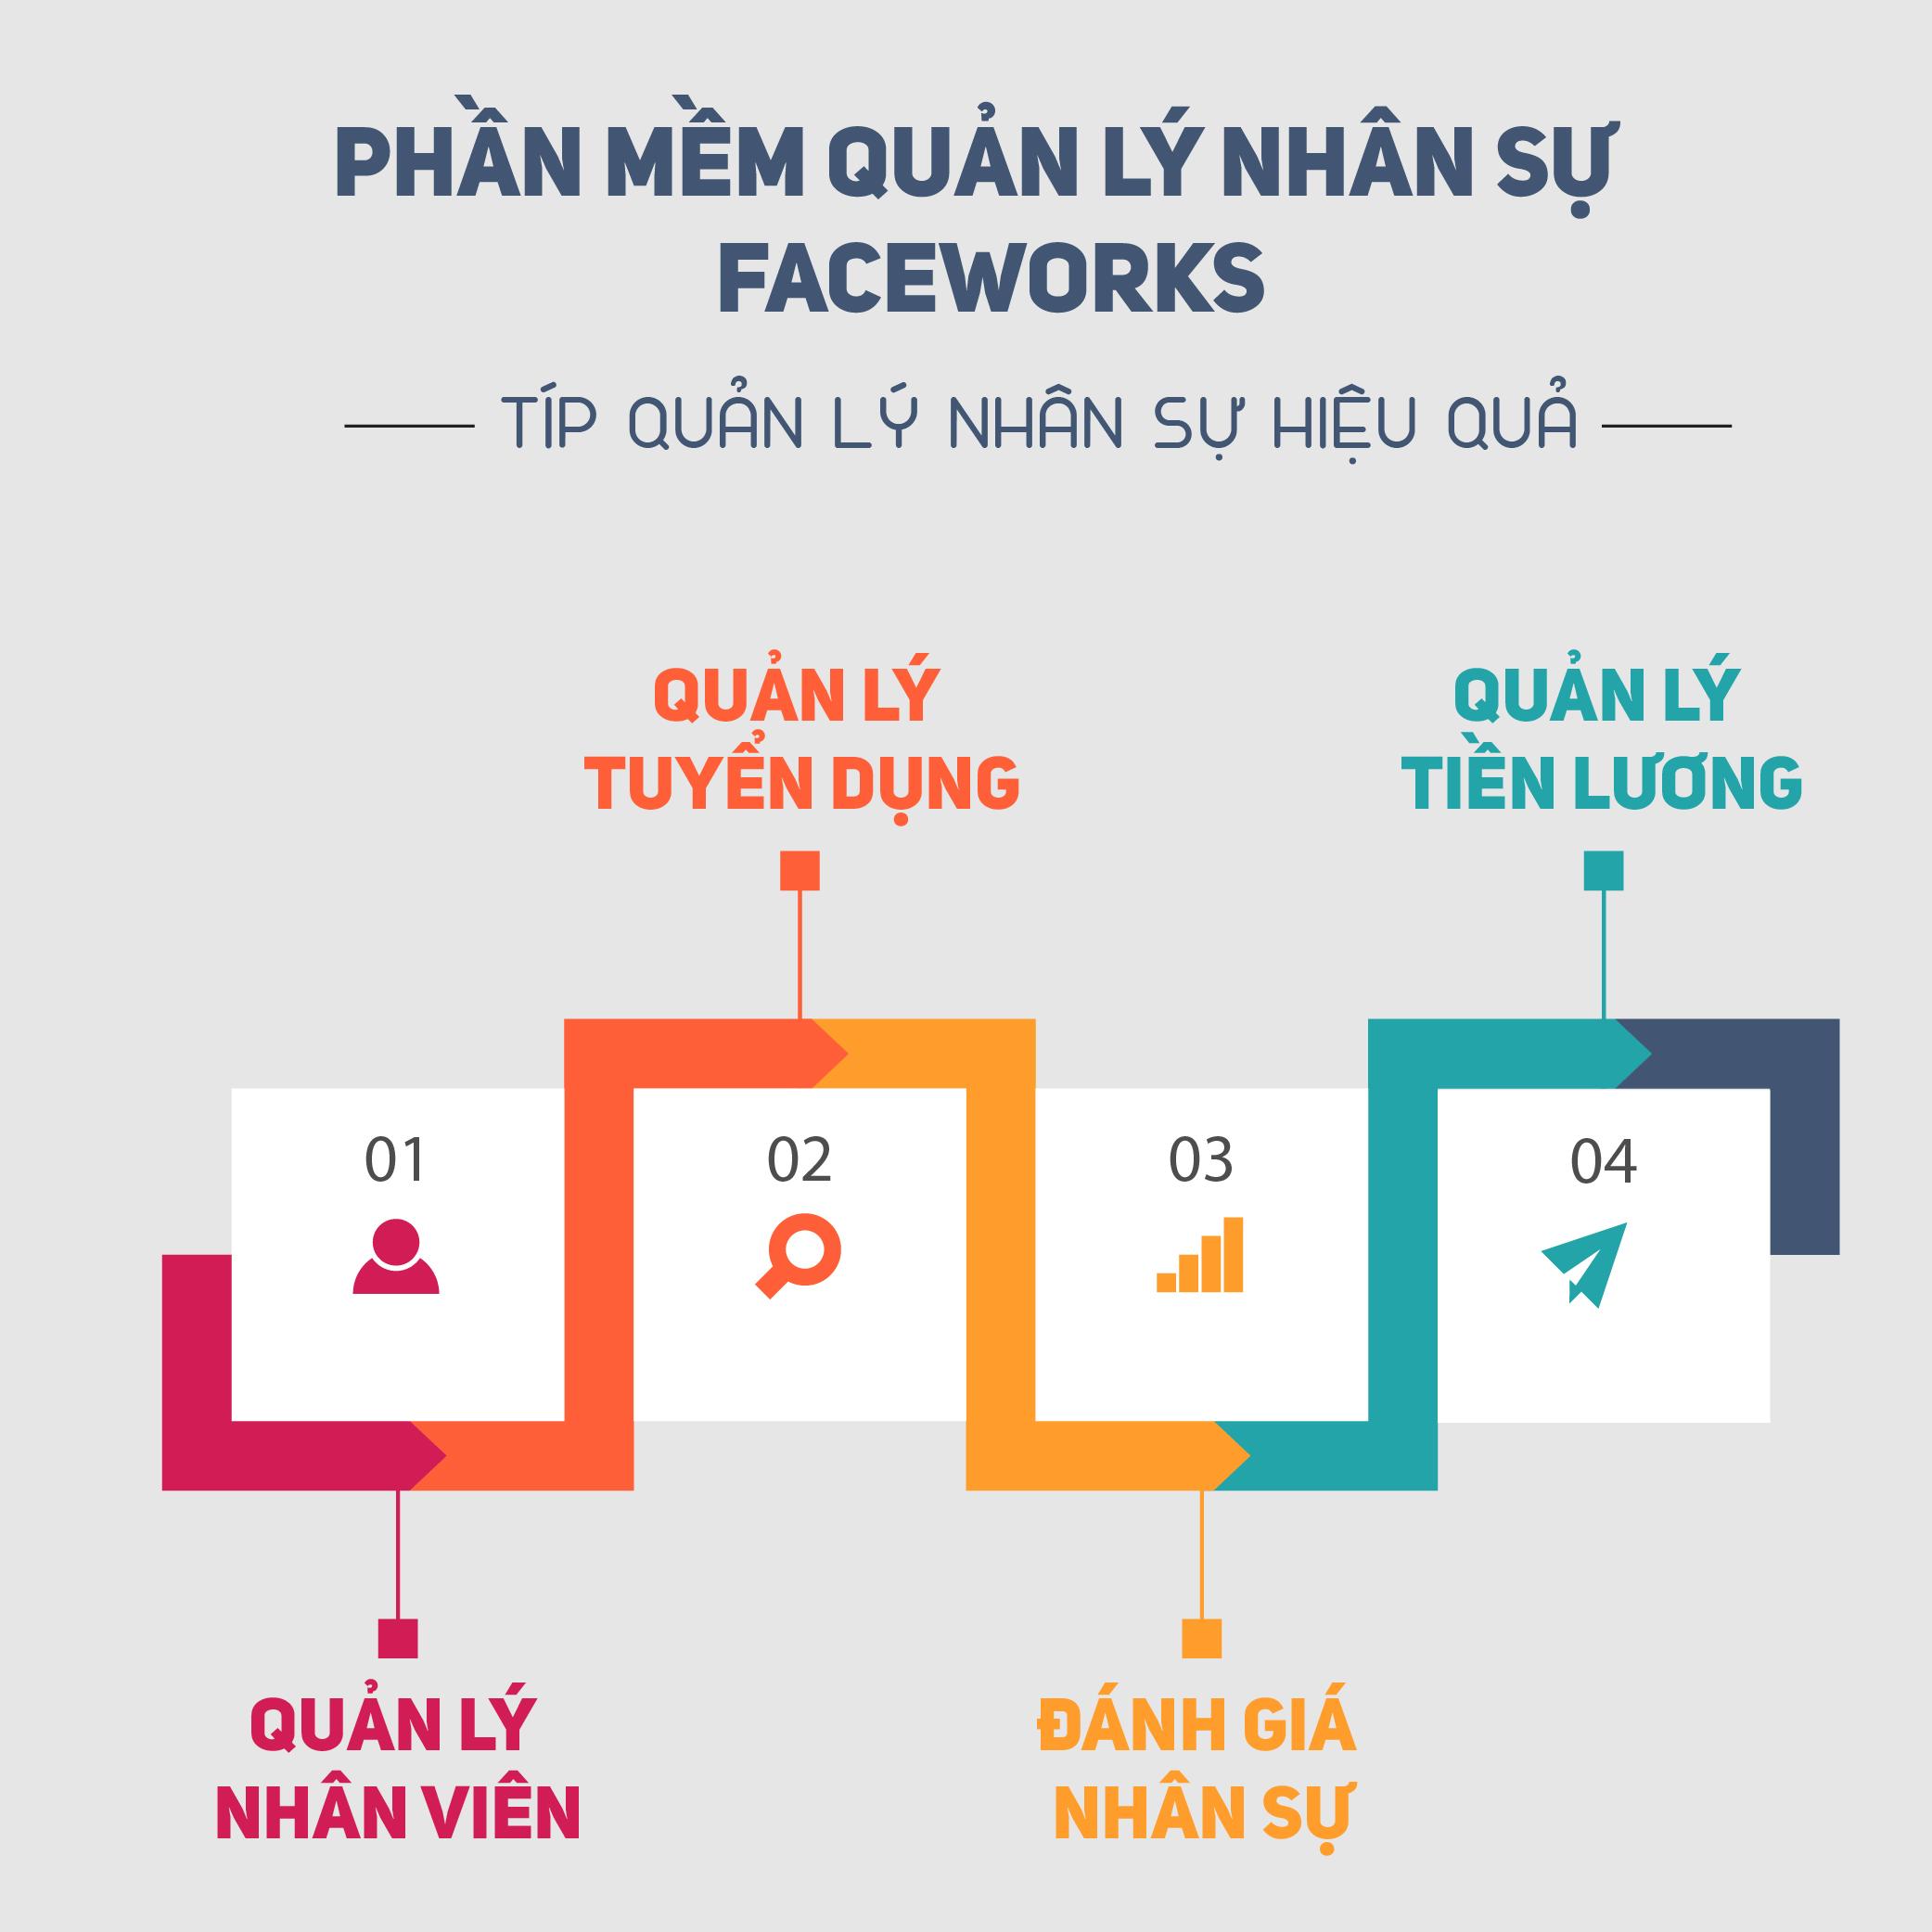 PHAN-MEM-QUAN-LY-NHAN-SU-HIEU-QUA-01 (1)